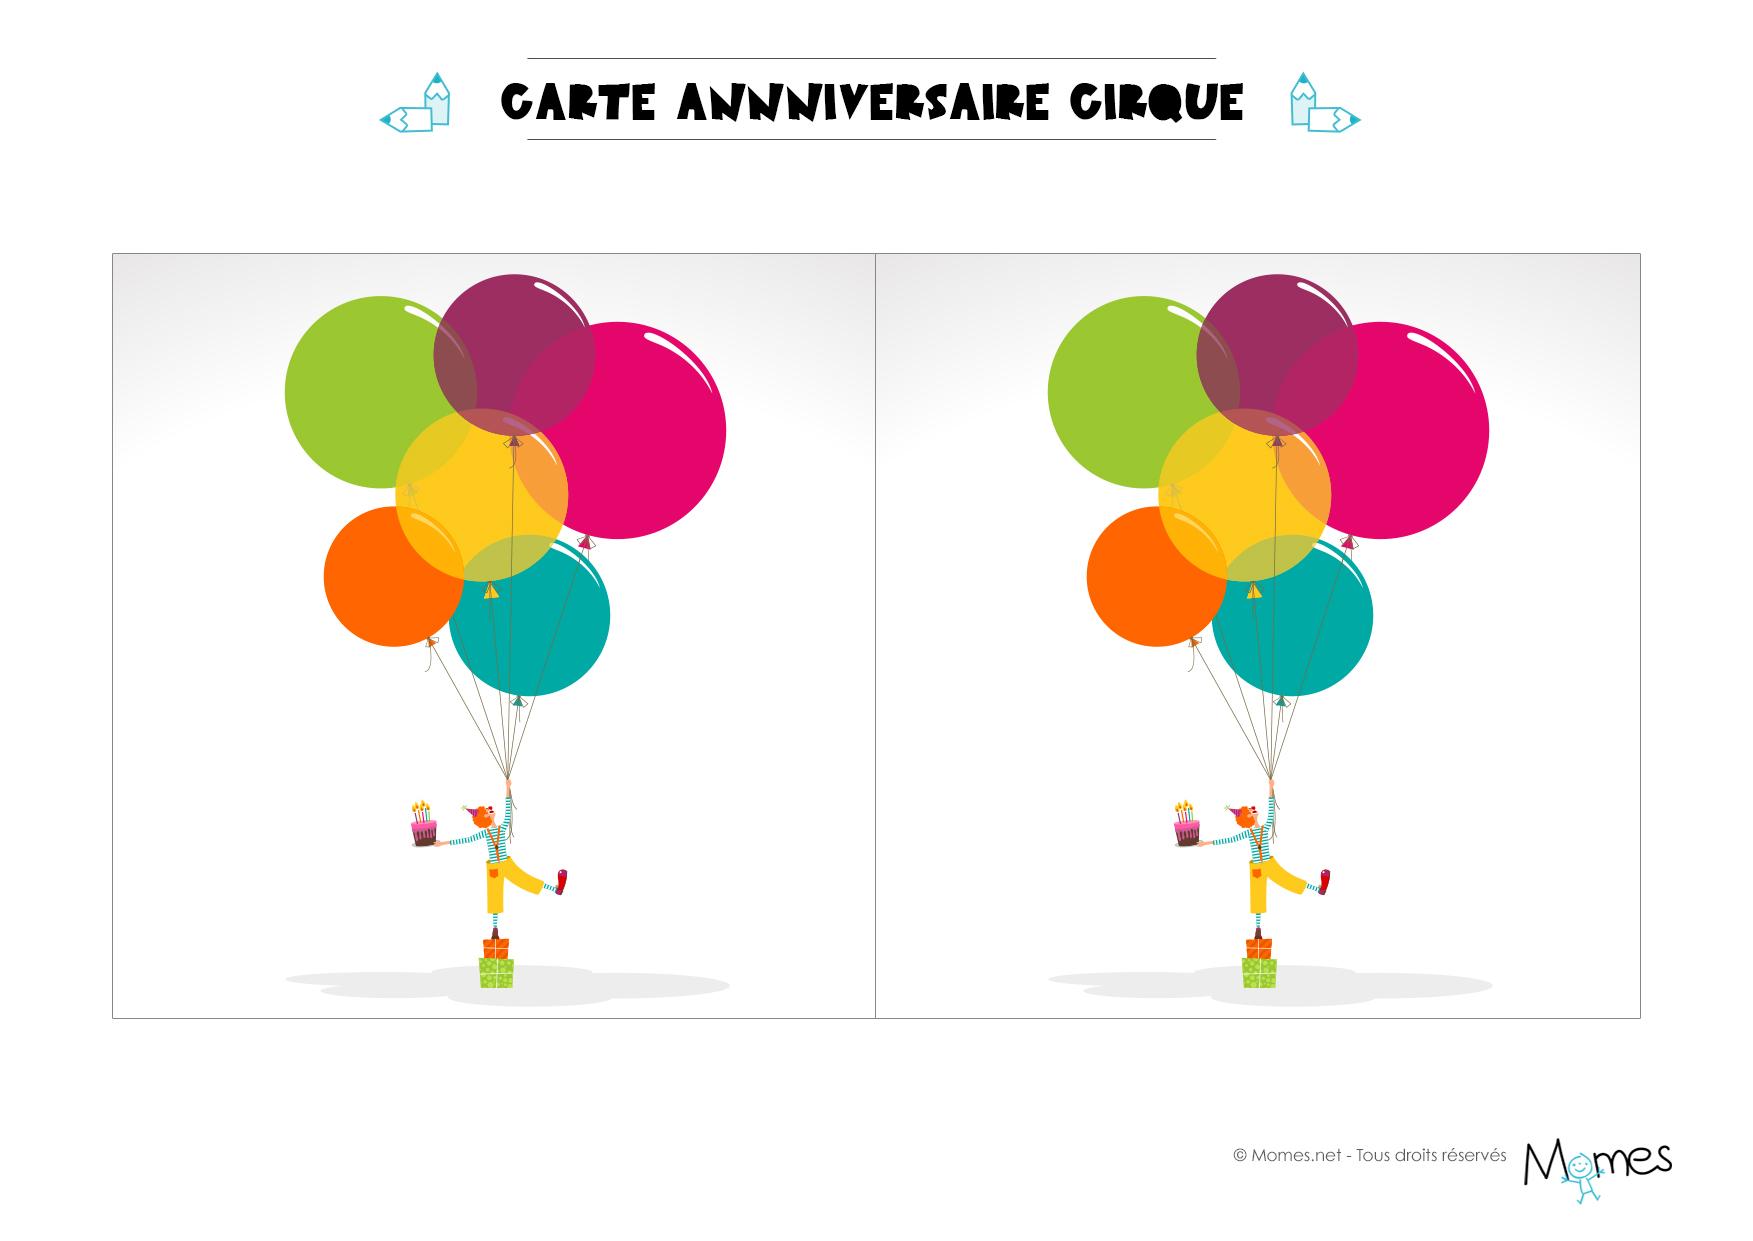 Carte anniversaire cirque imprimer - Carte anniversaire 1 ans a imprimer ...